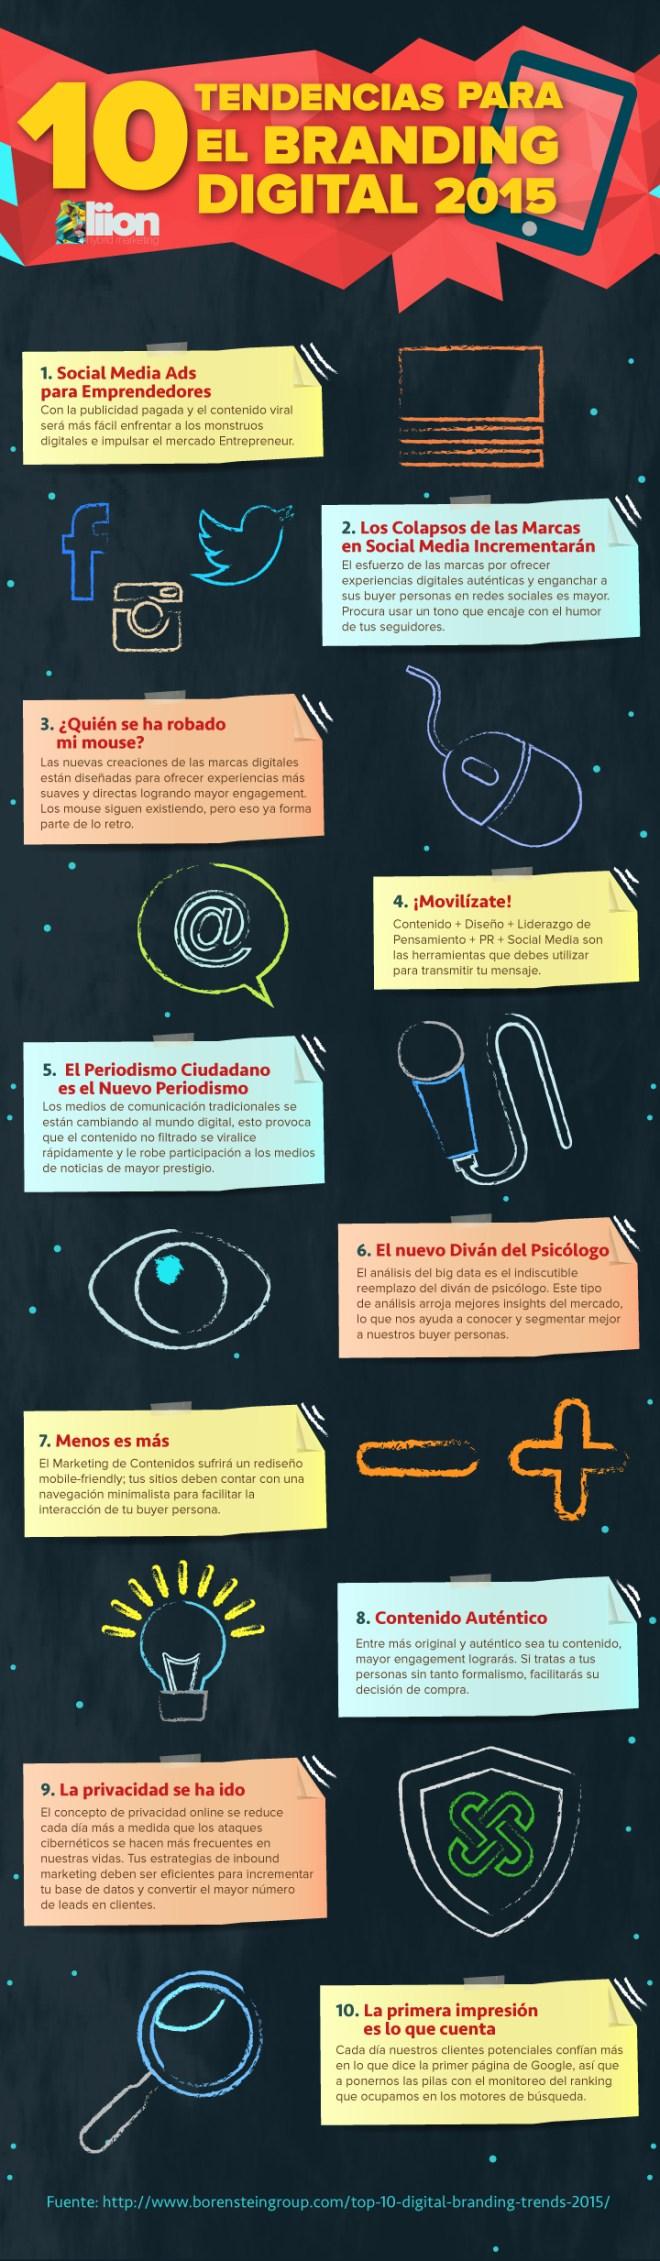 10 tendencias branding digital 2015